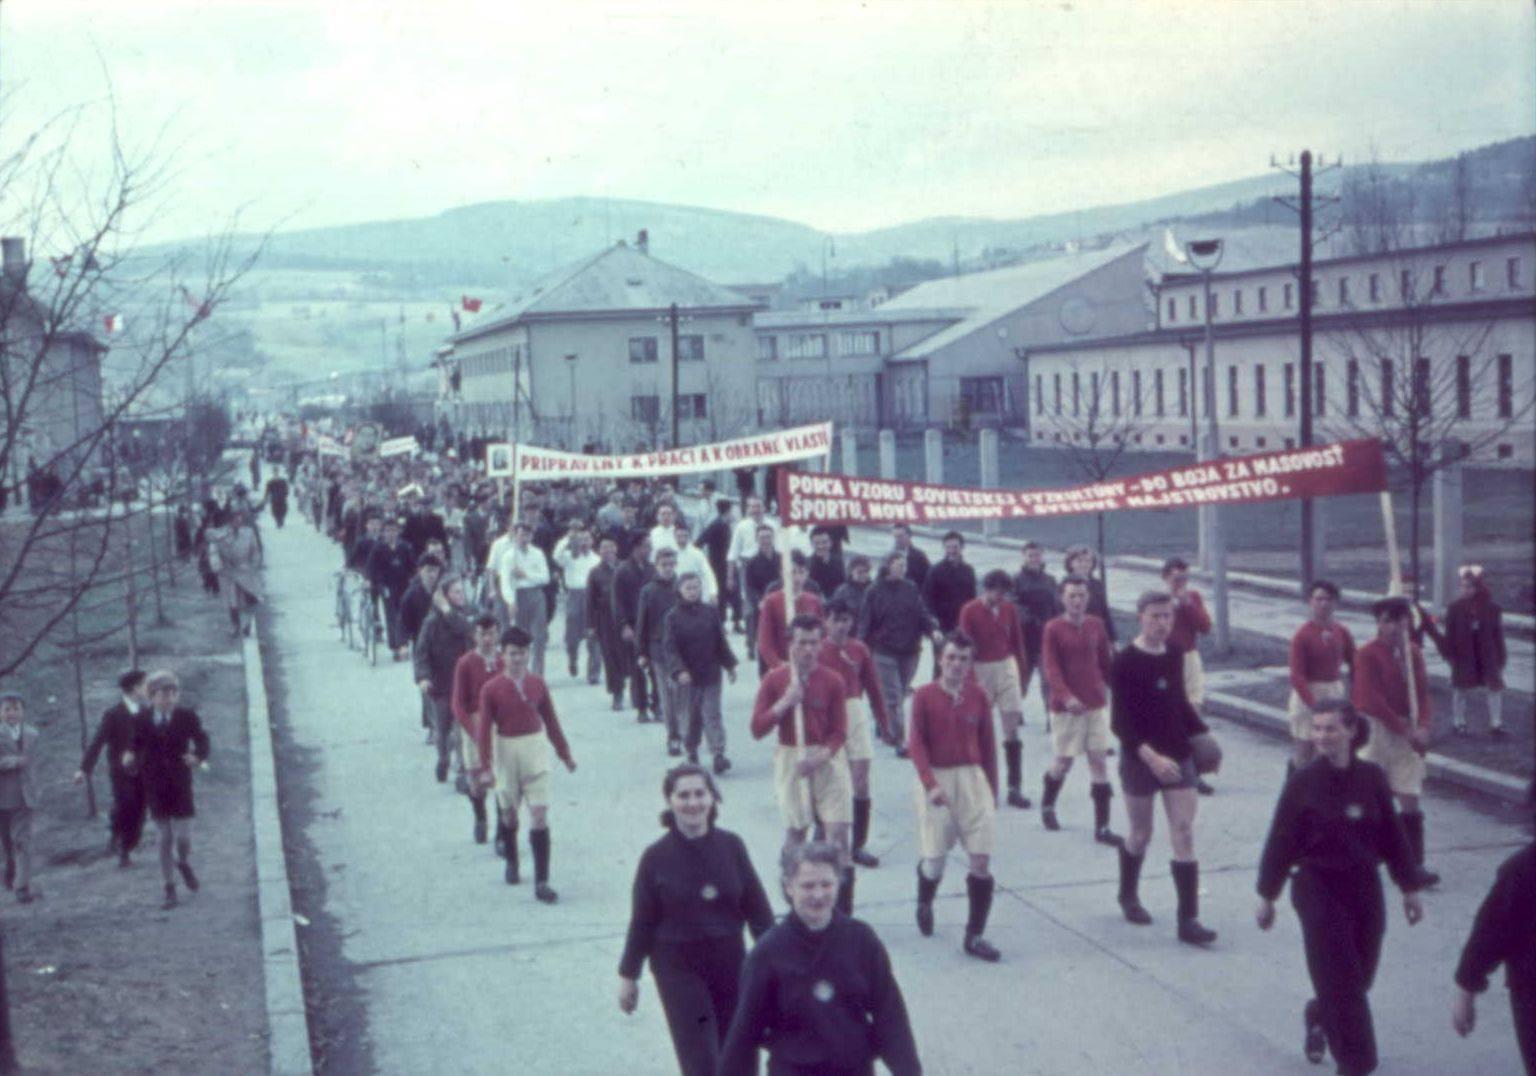 Aj takto vyzerali prvomájové sprievody mestom Púchov - konkrétne pri Makyte n. p. Zaujímavosťou je fakt, že ulica, na ktorej boli tieto fotografie v 50. rokoch zachytené, sa v súčasnosti volá 1. mája (vtedy Ulica Červenej armády)